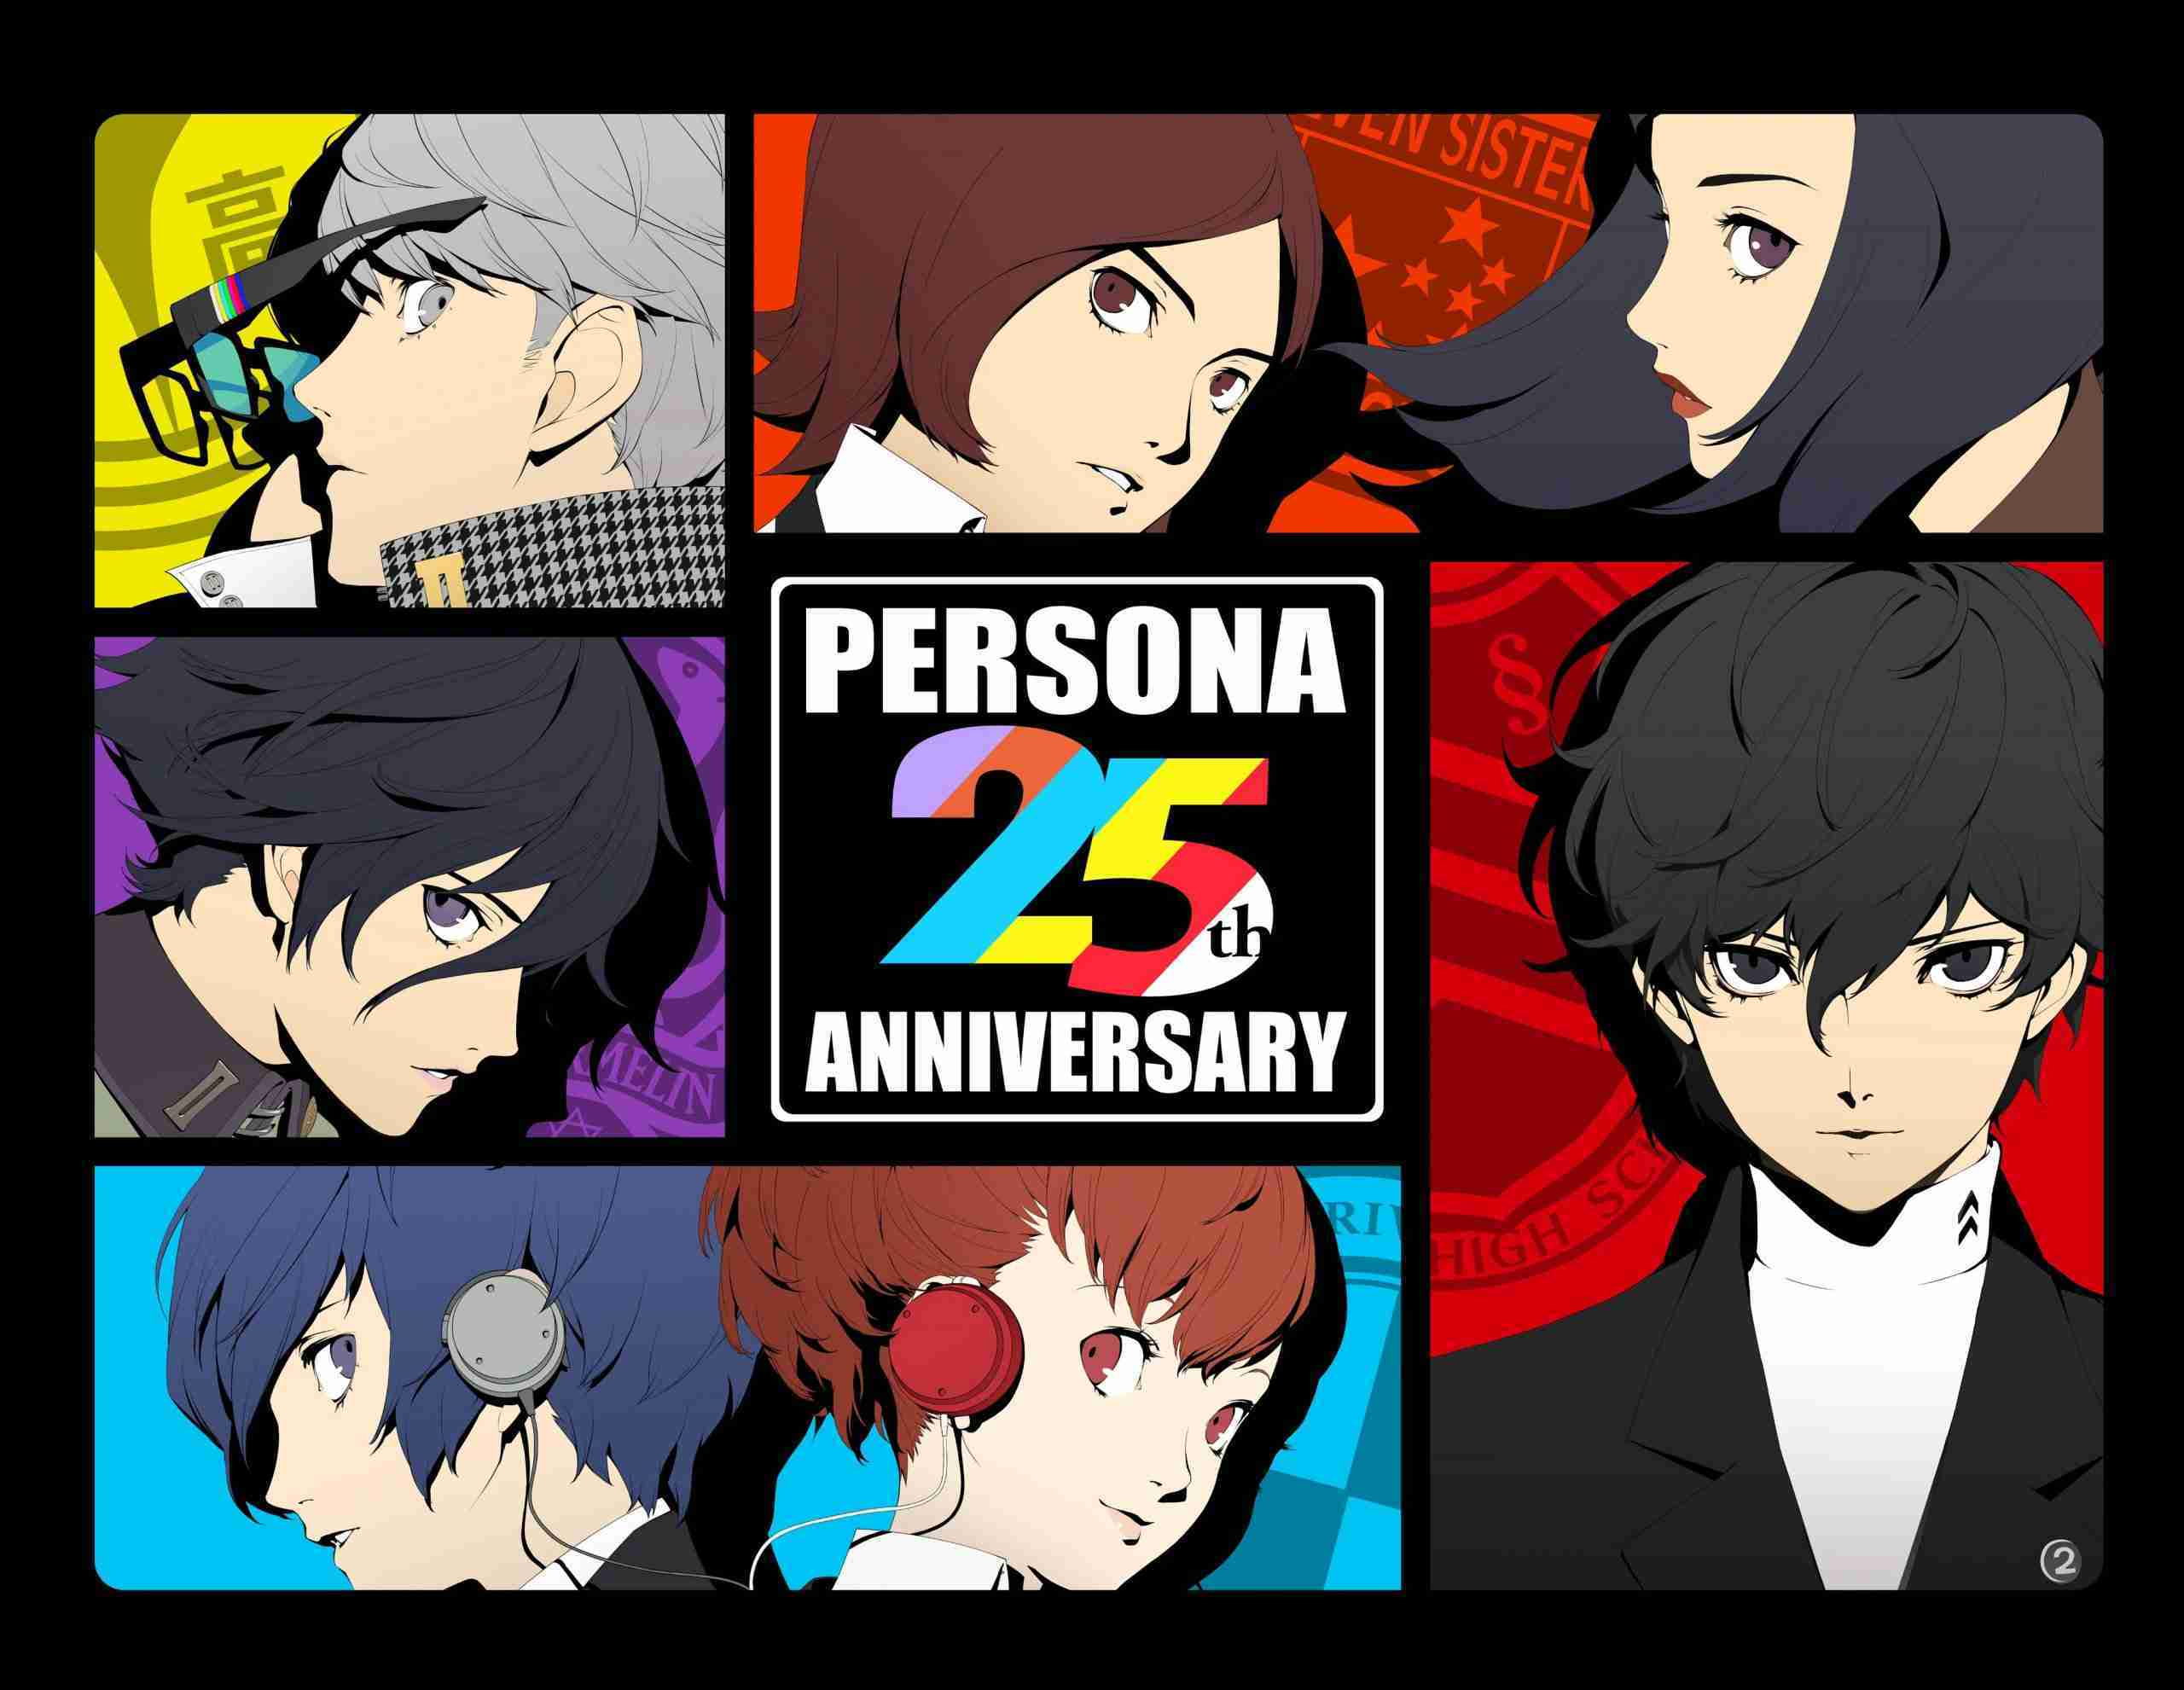 Persona 25th Anniversary